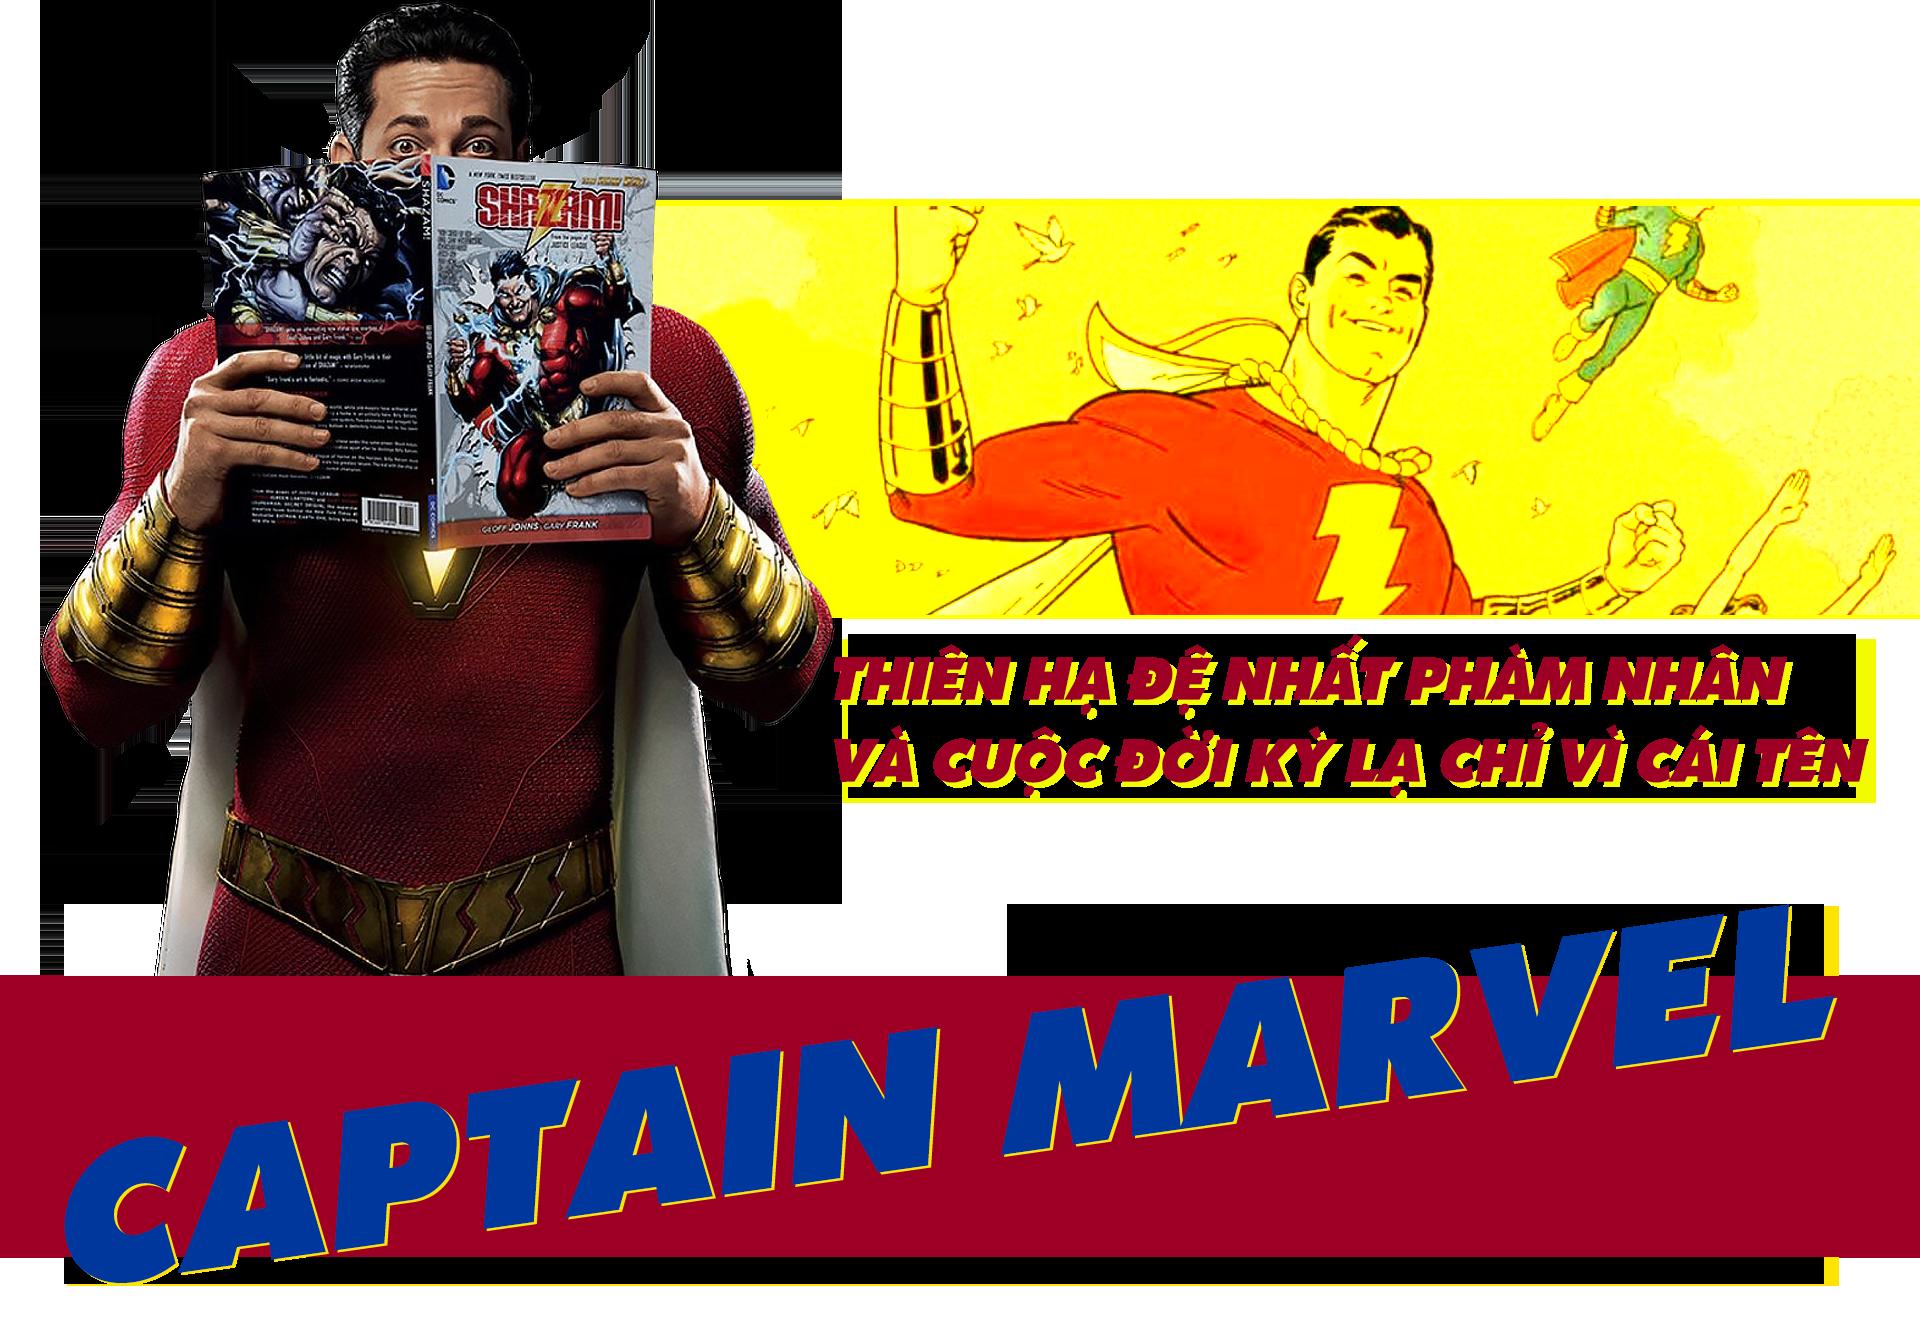 Shazam! Thiên Hạ Đệ Nhất Phàm Nhân và cuộc đời kỳ lạ chỉ vì cái tên Captain Marvel - Ảnh 1.